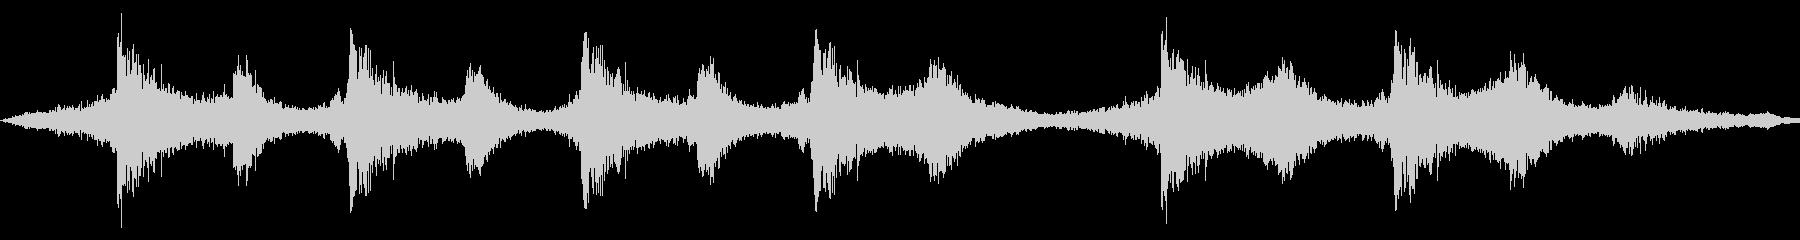 現代的 交響曲 アンビエント ドラ...の未再生の波形